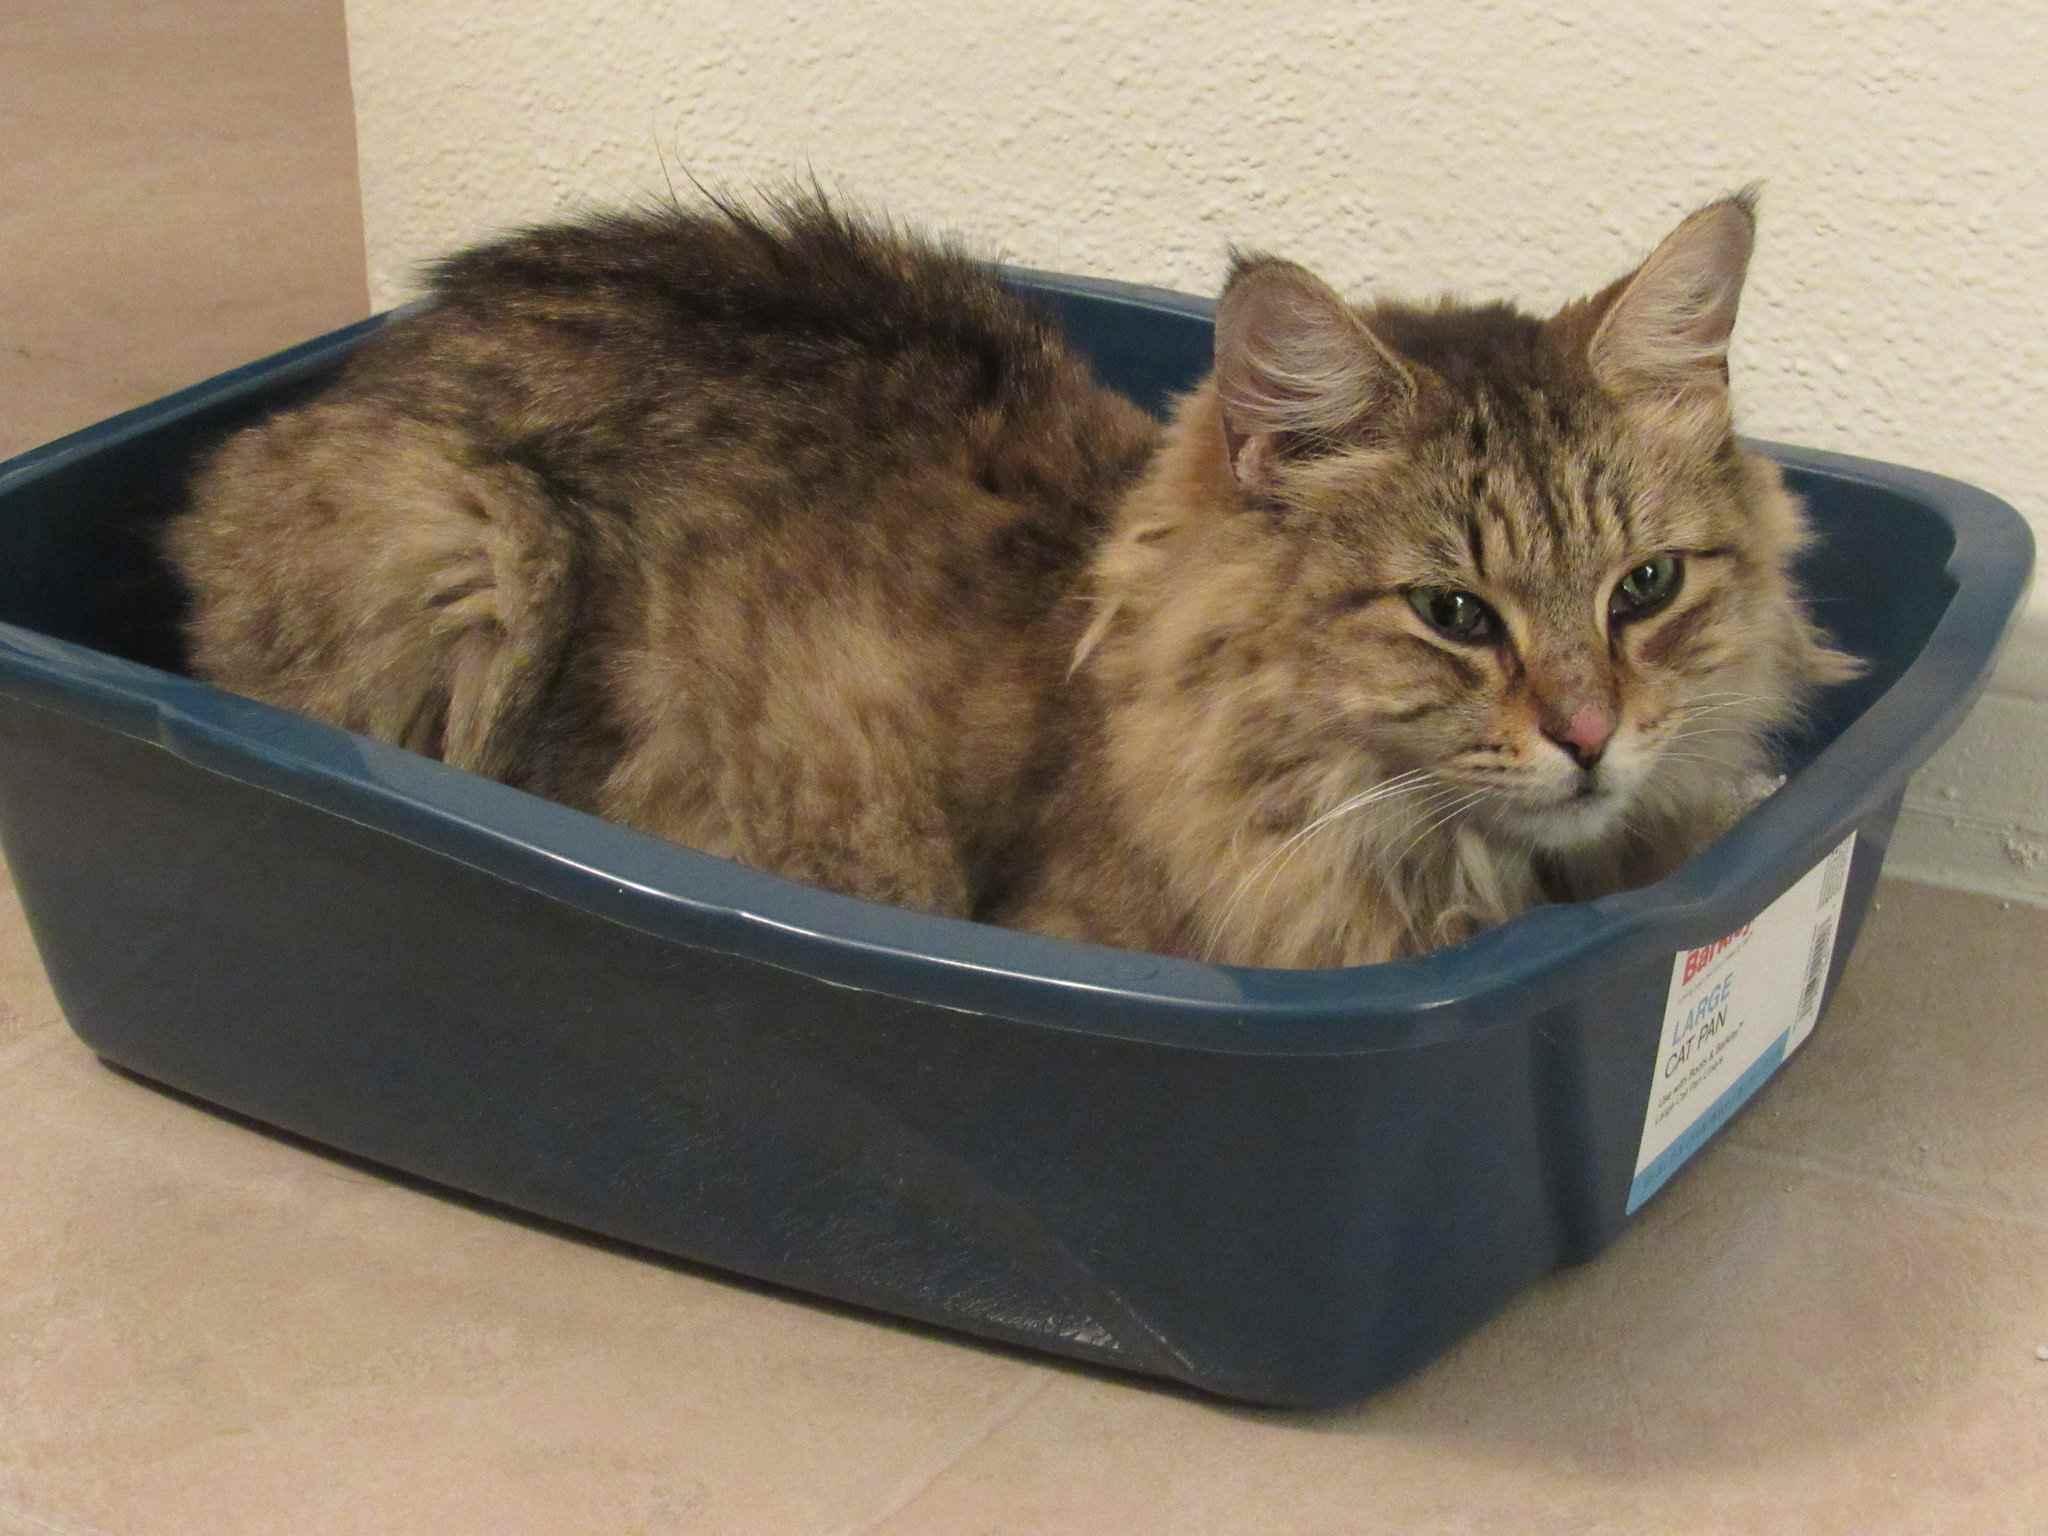 Gato marrón de pelo largo sentado en una caja de arena